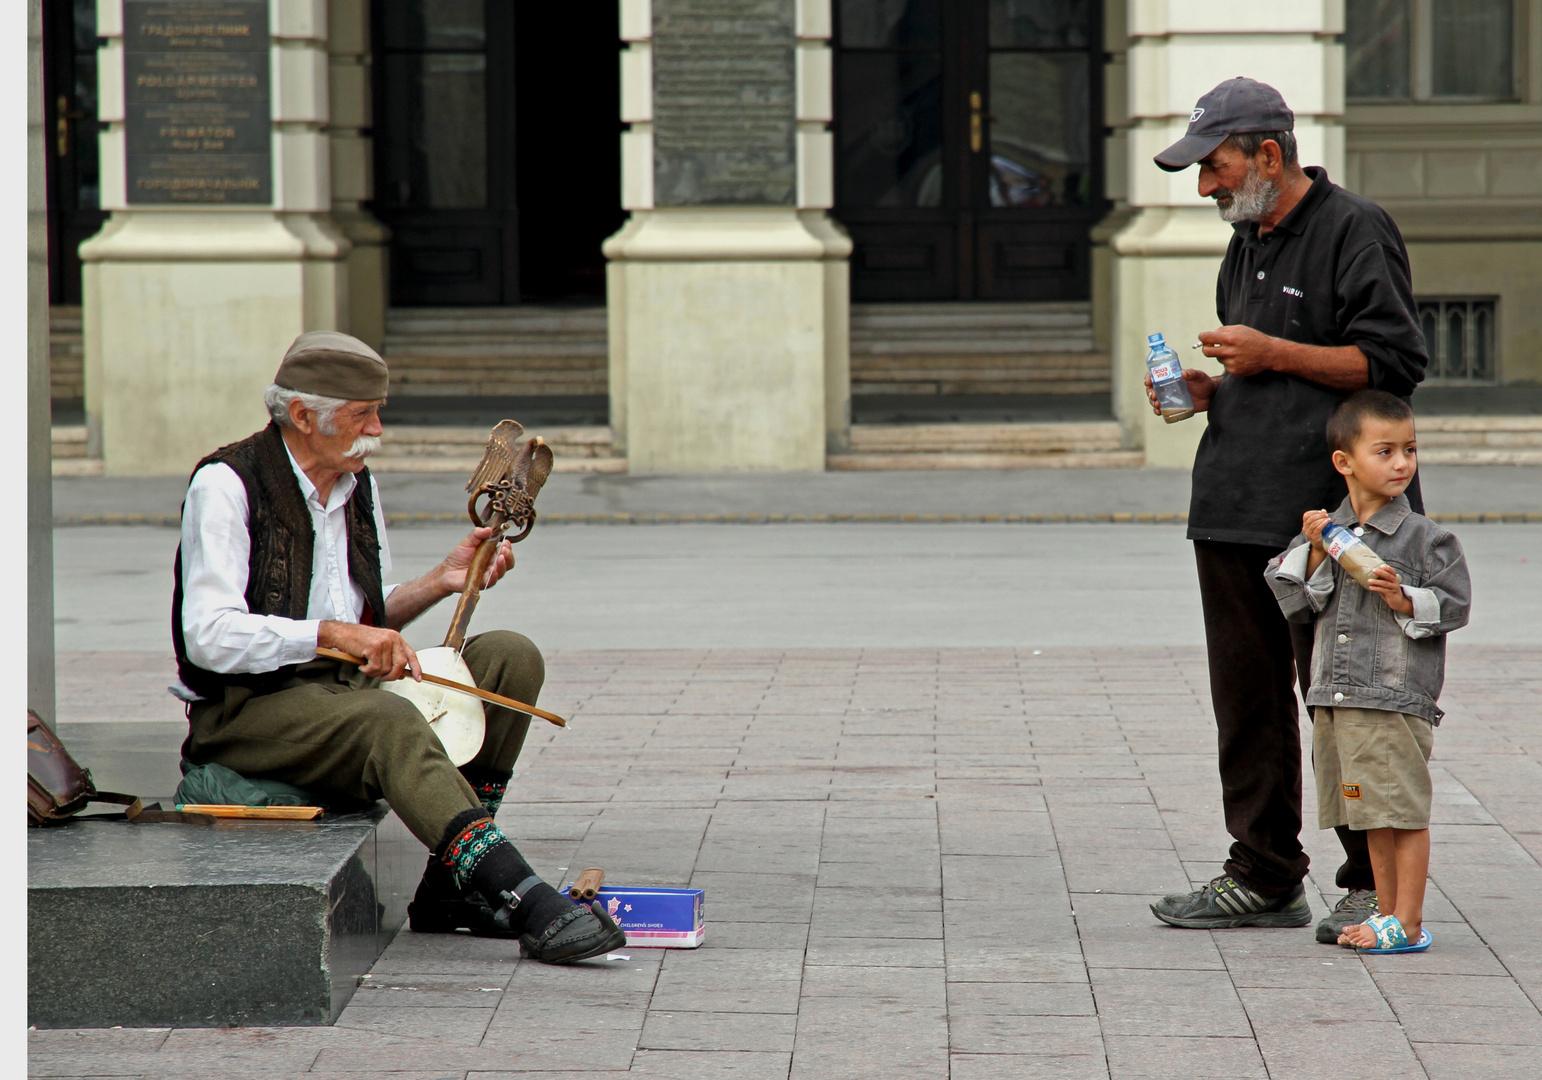 Straßenmusiker mit Zuhörer